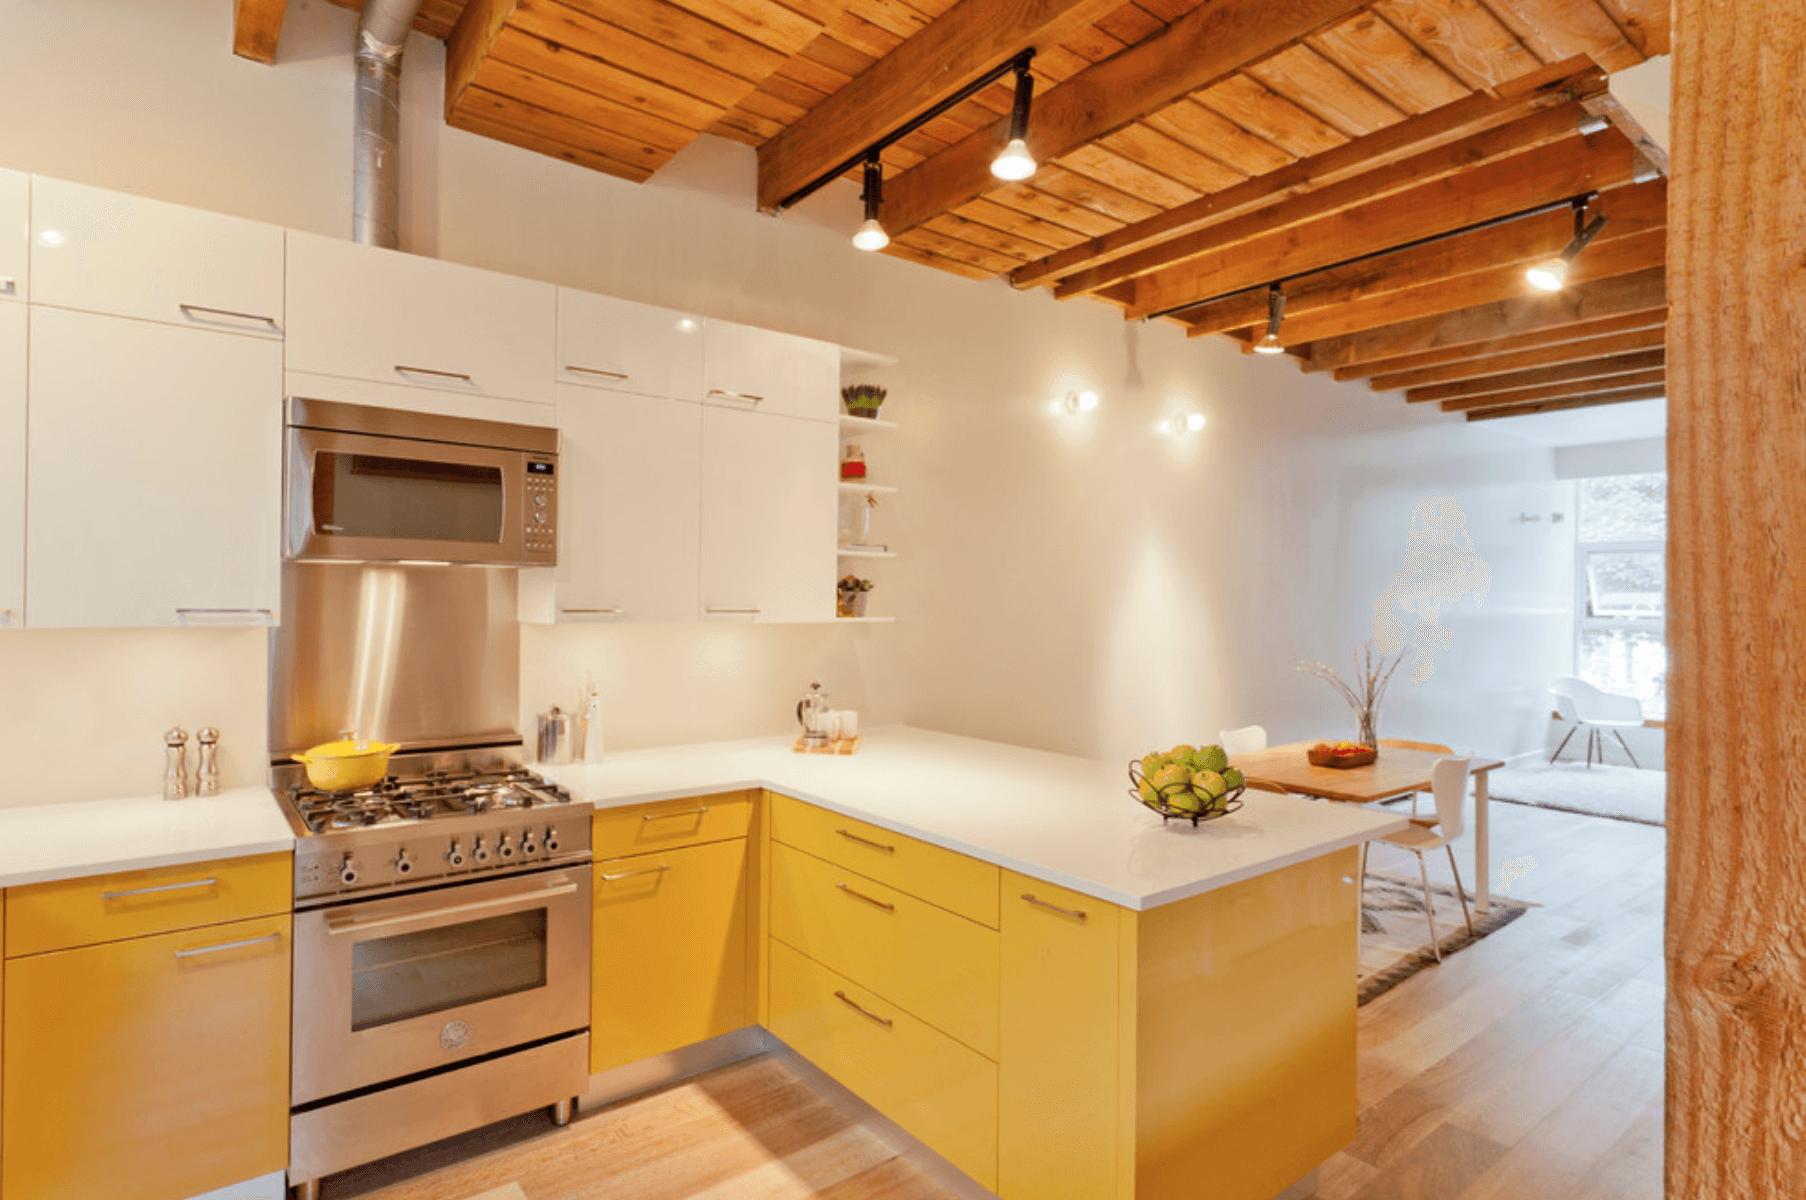 Дизайн кухни в оттенках желтого цвета. Фото 5